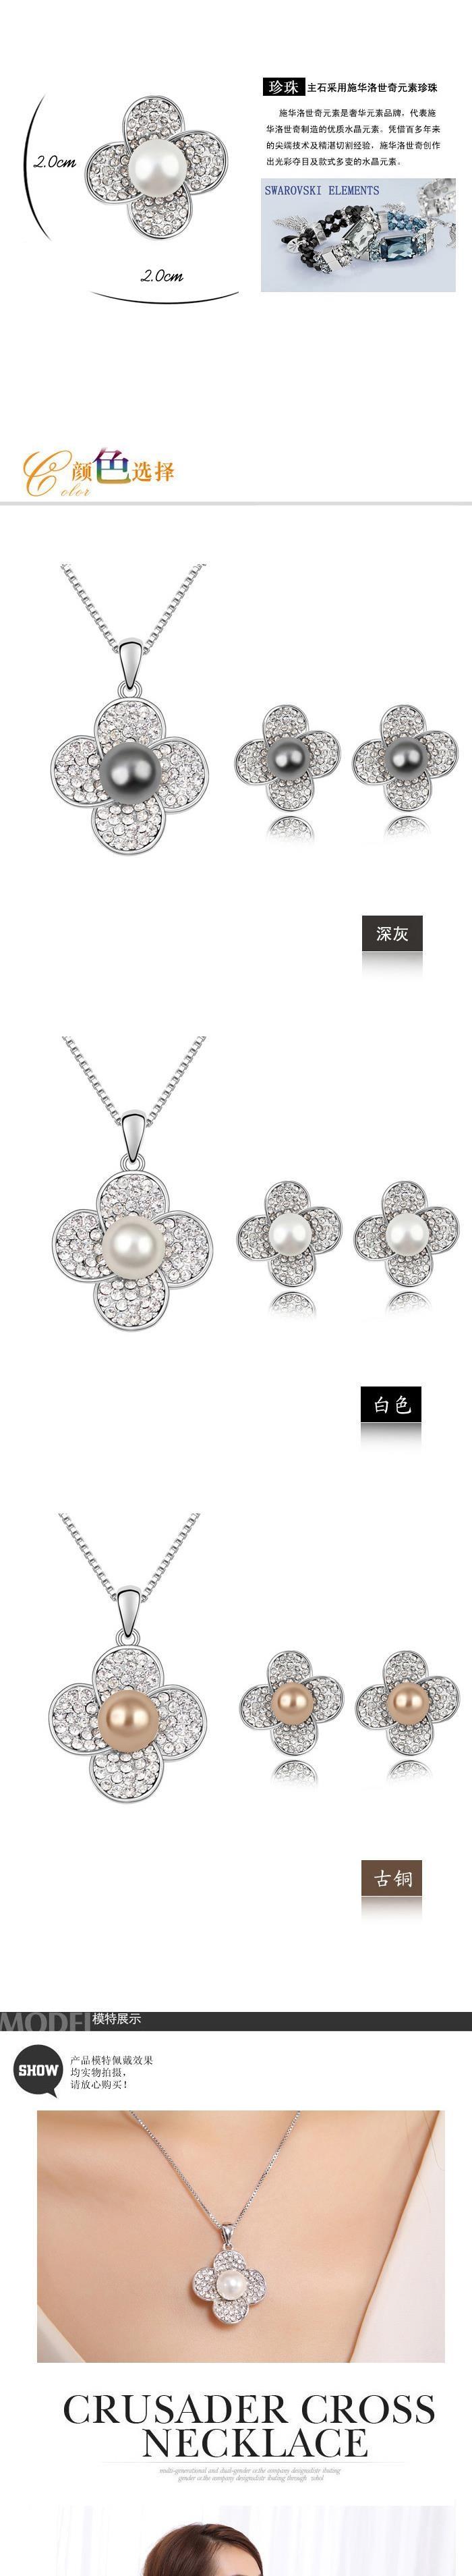 создан жемчужное ожерелье набор сделан с элементами Сваровски жемчуг